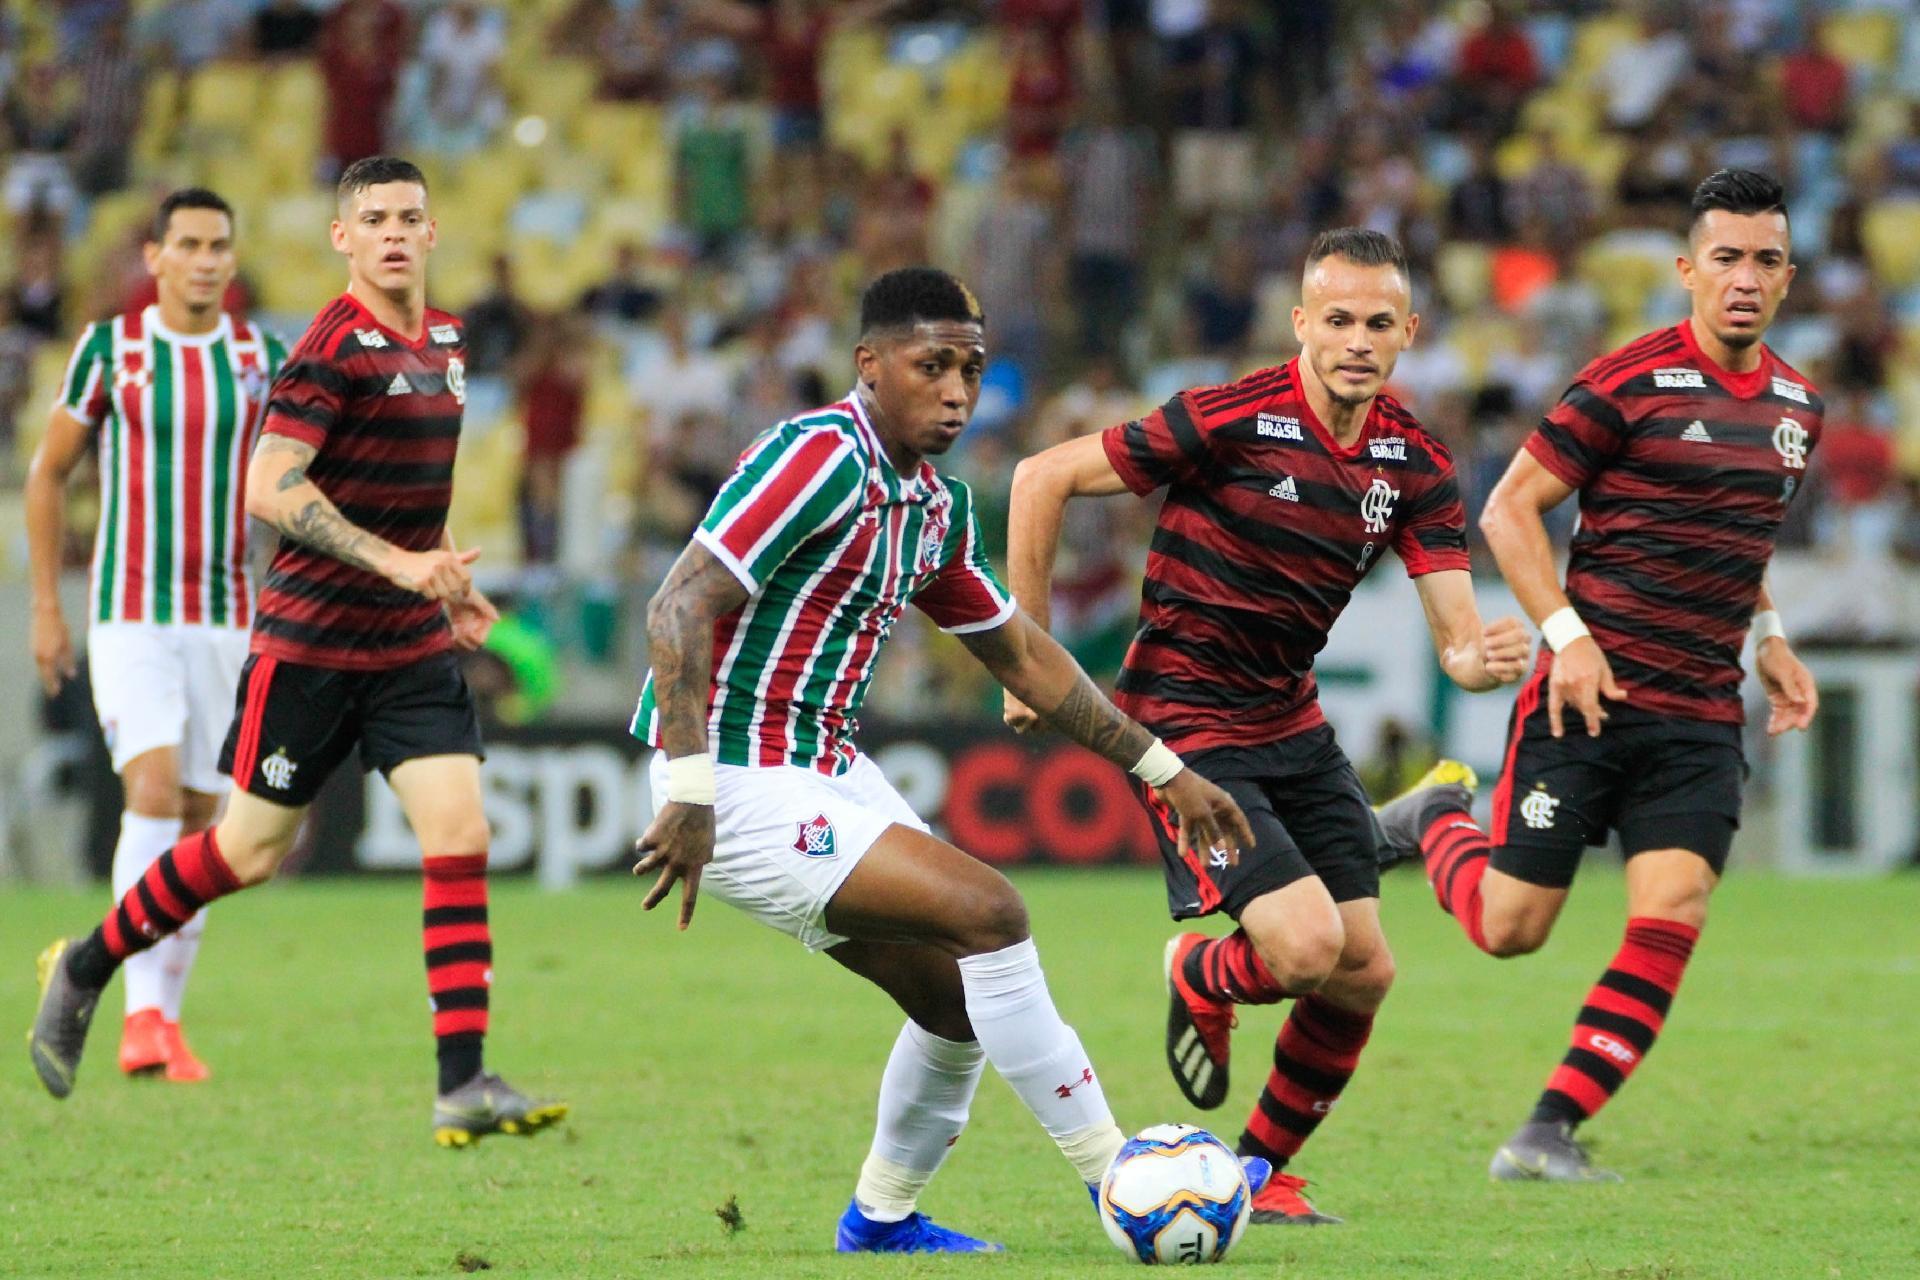 Resultado de imagen para Campeonato Carioca fluminense